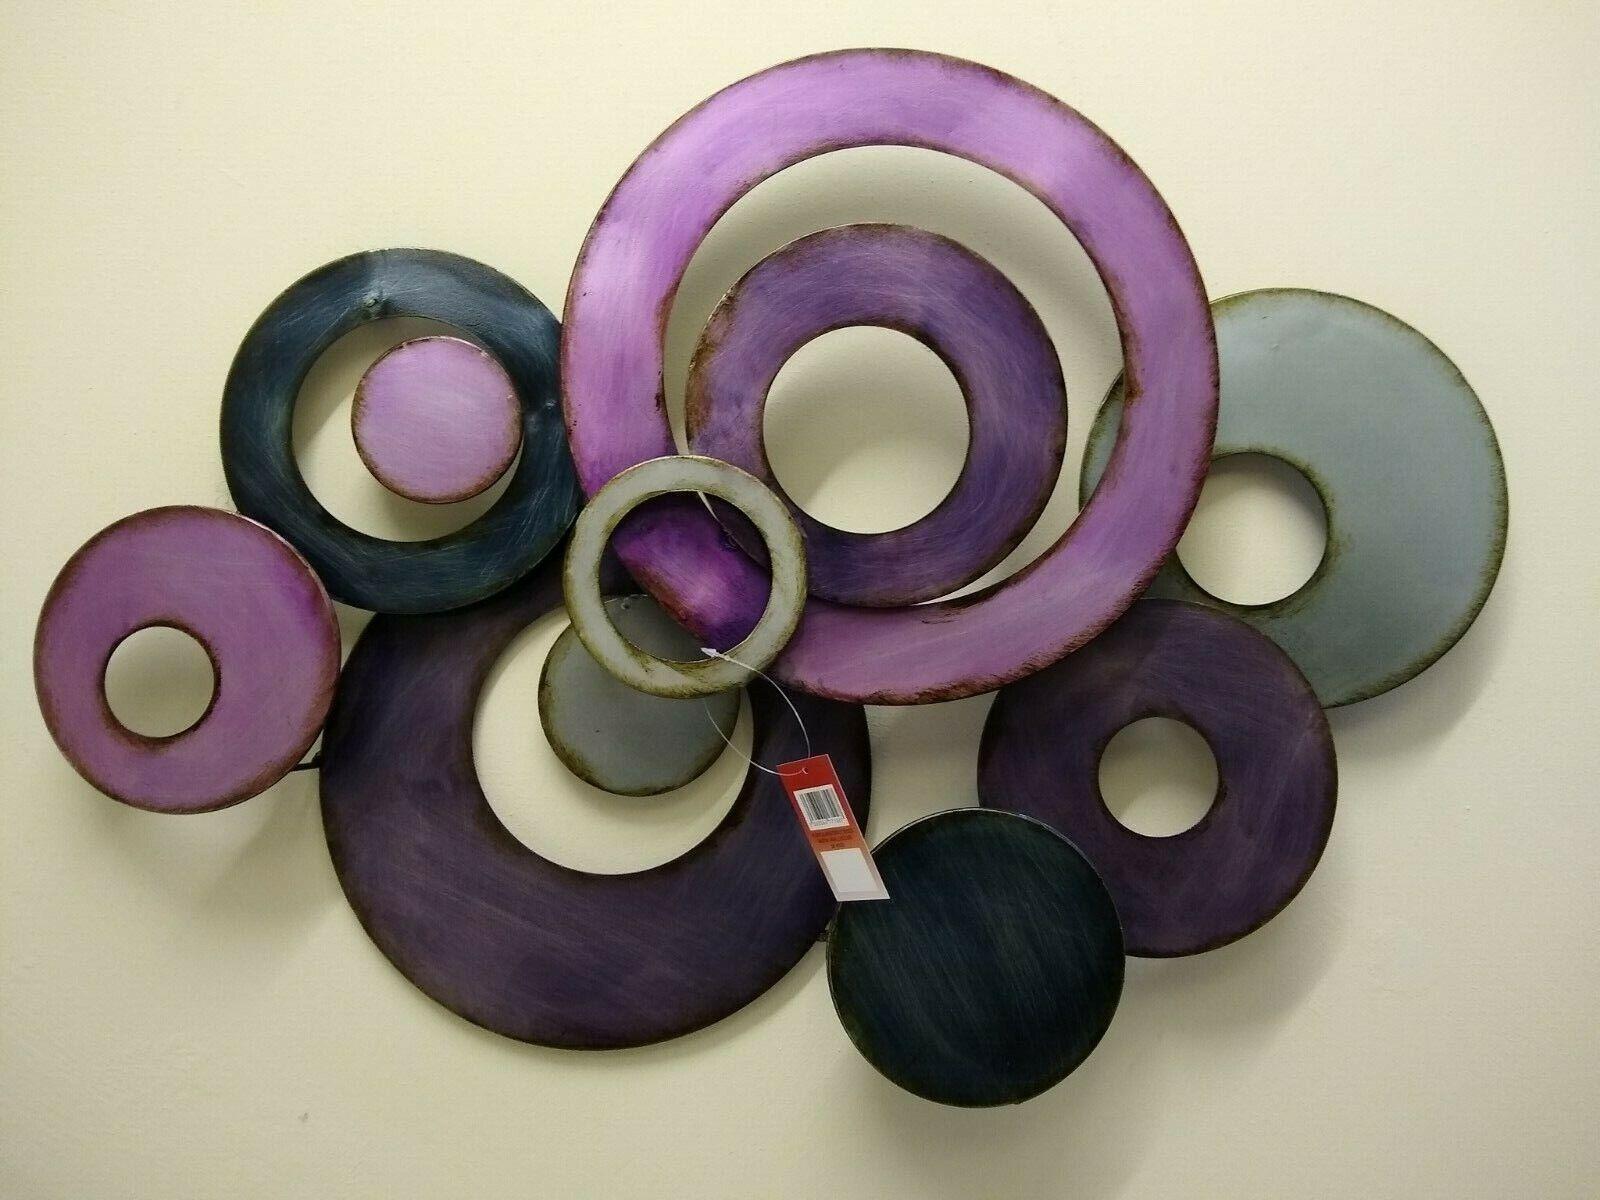 Imagen de Arte para Decoración de Pared Metal Contemporáneo-púrpura y Plata Discos Abstracto